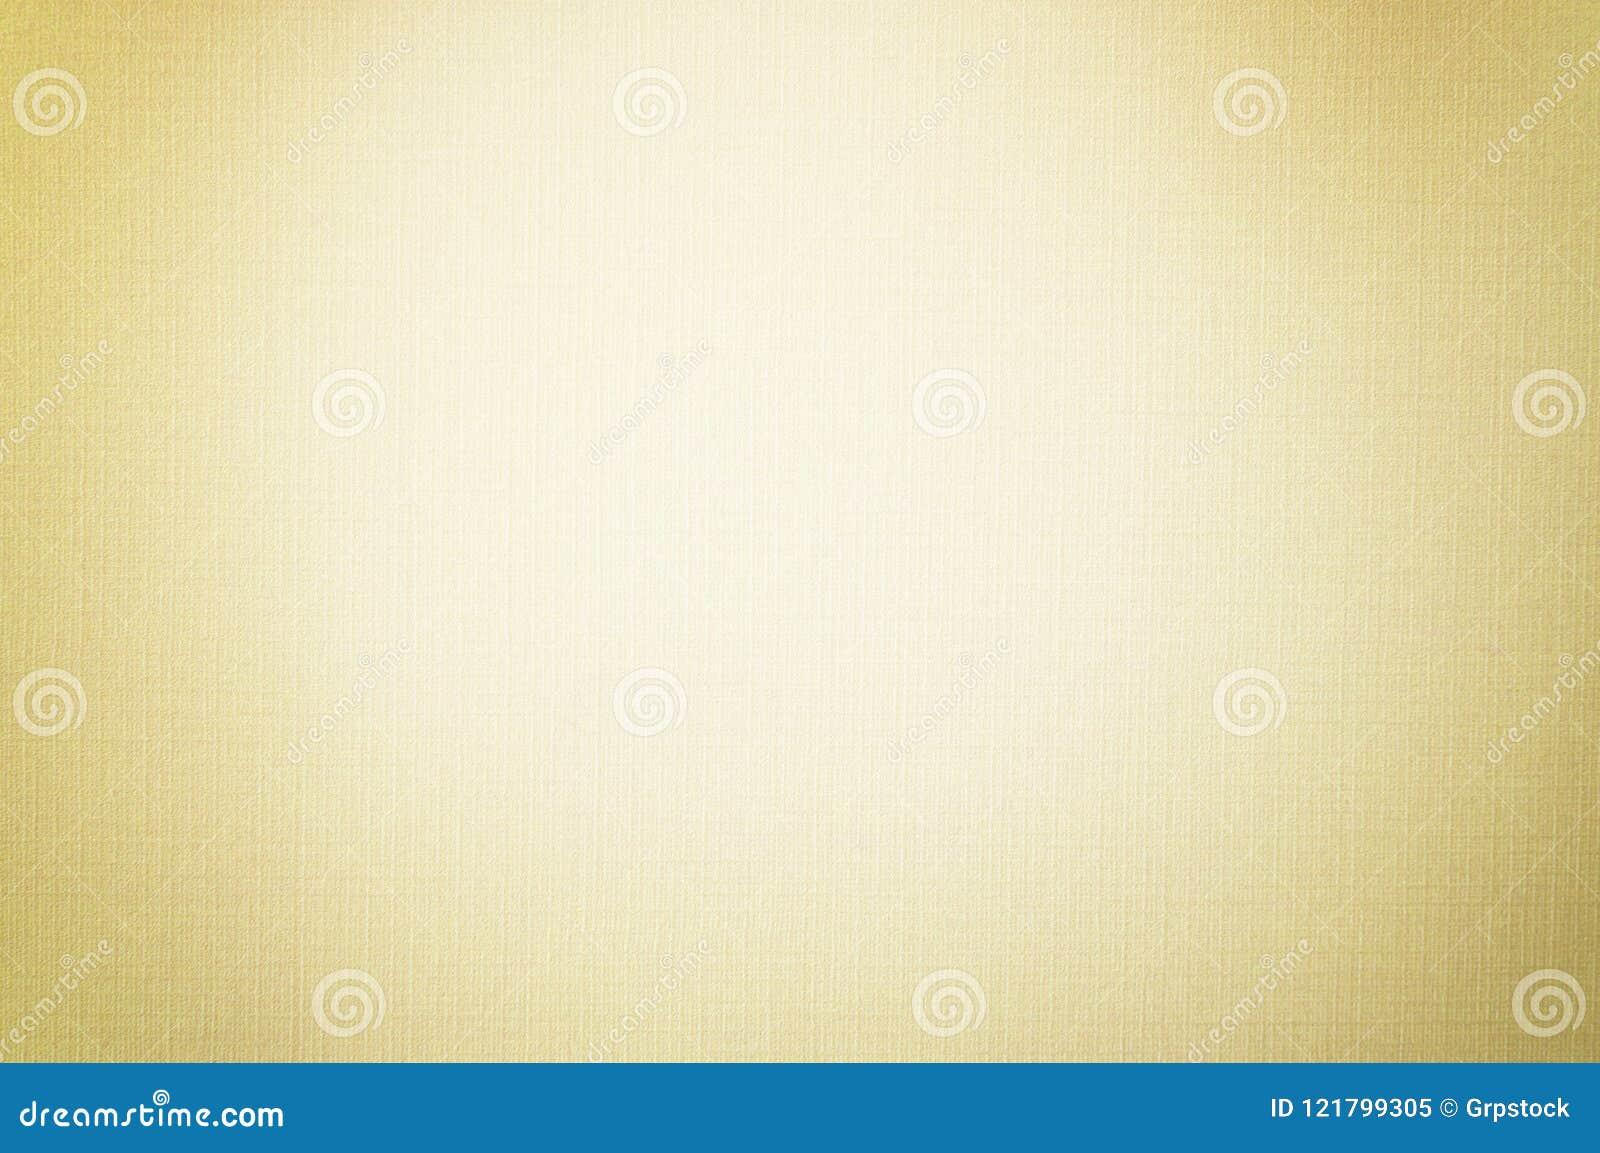 Cor pastel do ouro com a foto macia do foco do teste padrão de linho branco da textura do papel de fundo da tela, Art Paper Backg